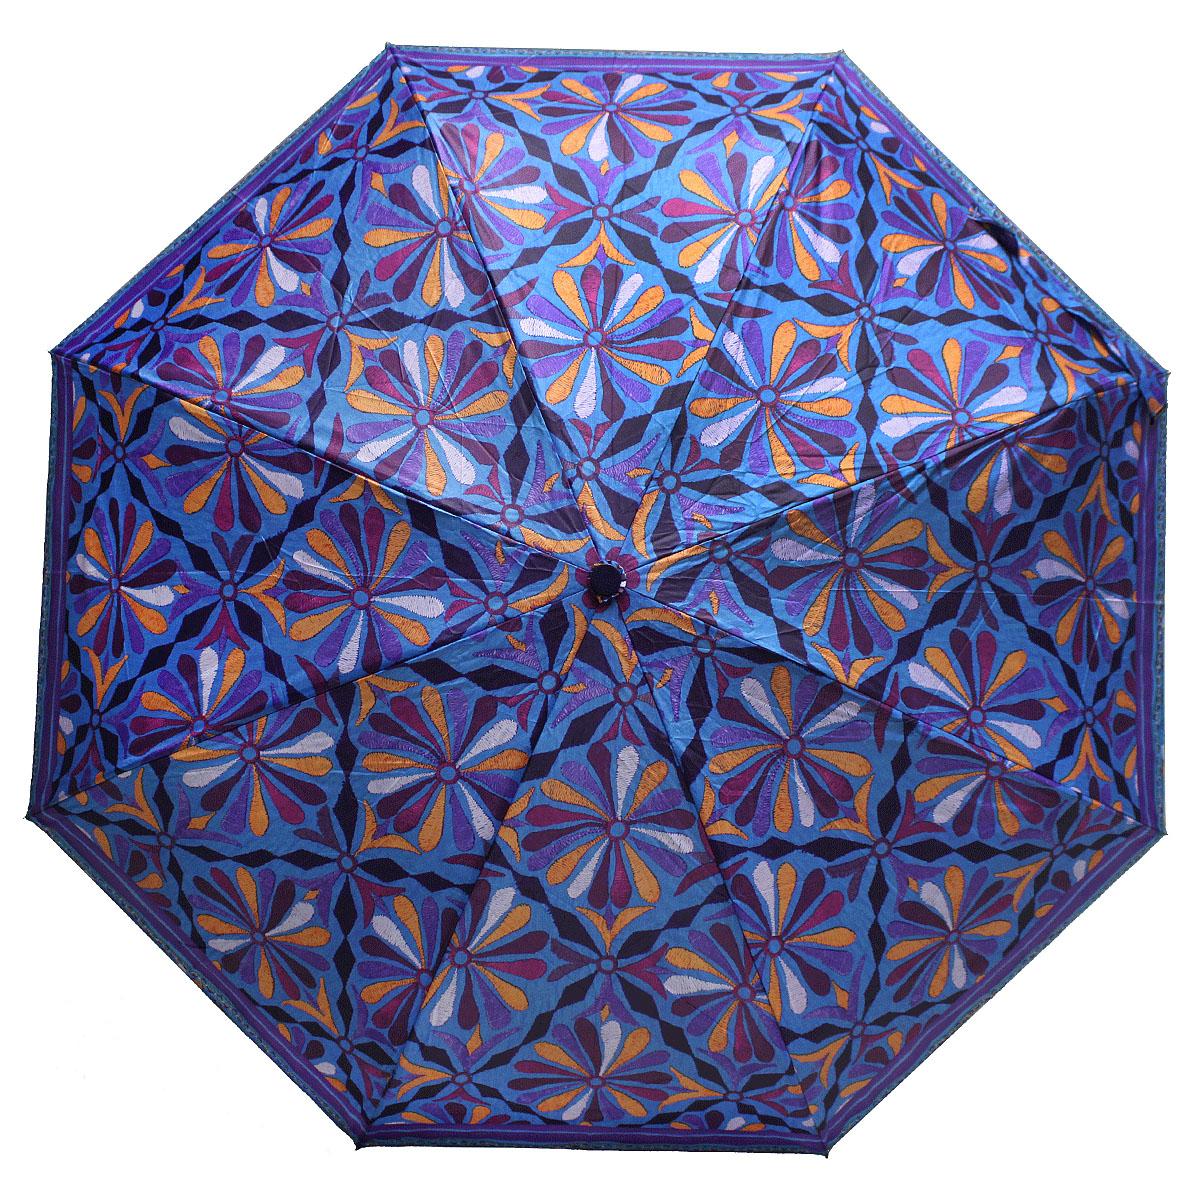 Зонт женский Bisetti, цвет: синий. 35167-3SCPA390Стильный зонт автомат испанского производителя Bisetti даже в ненастную погоду позволит вам оставаться элегантной. В производстве зонтов Bisetti используются современные материалы, что делает зонты легкими, но в то же время крепкими.Каркас зонта включает 7 спиц. Стержень изготовлен из стали, купол выполнен из прочного полиэстера.Зонт является механическим: купол открывается и закрывается вручную до характерного щелчка.